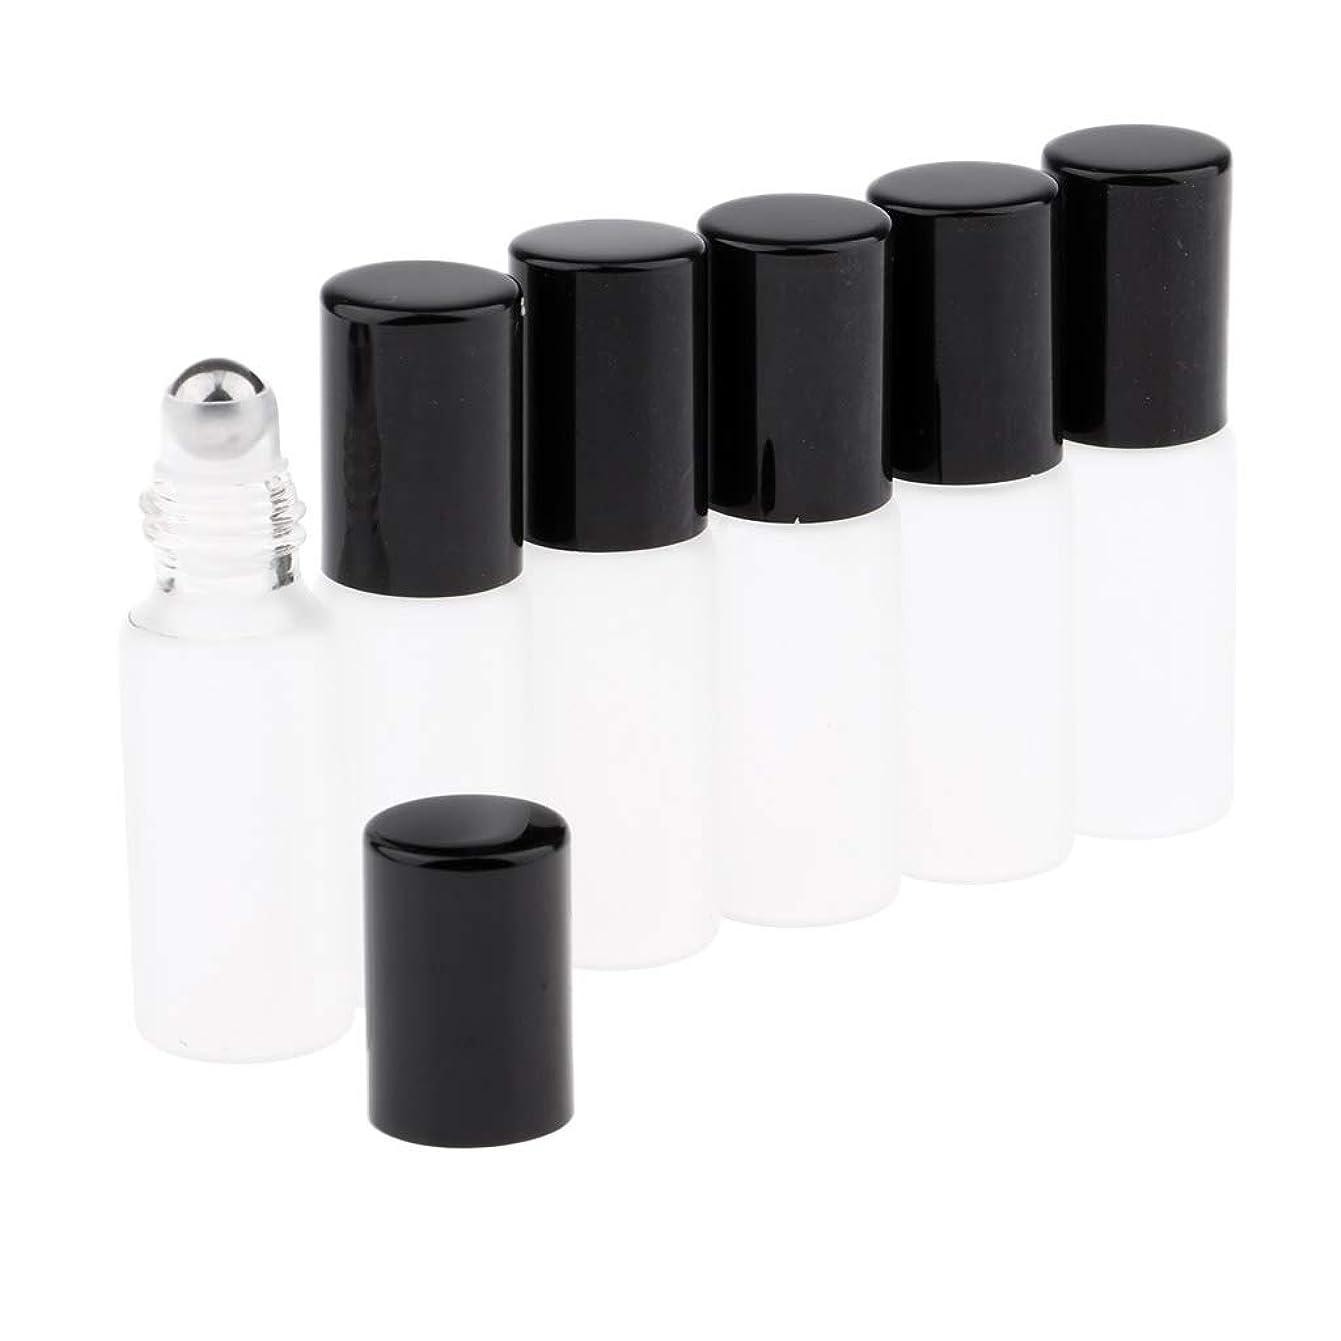 委任する力強い頼るCUTICATE ガラスアロマボトル 精油 小分けボトル アロマオイル用瓶 香水用瓶 空のローラーボトル 精油ロールボトル 3色 - ブラック